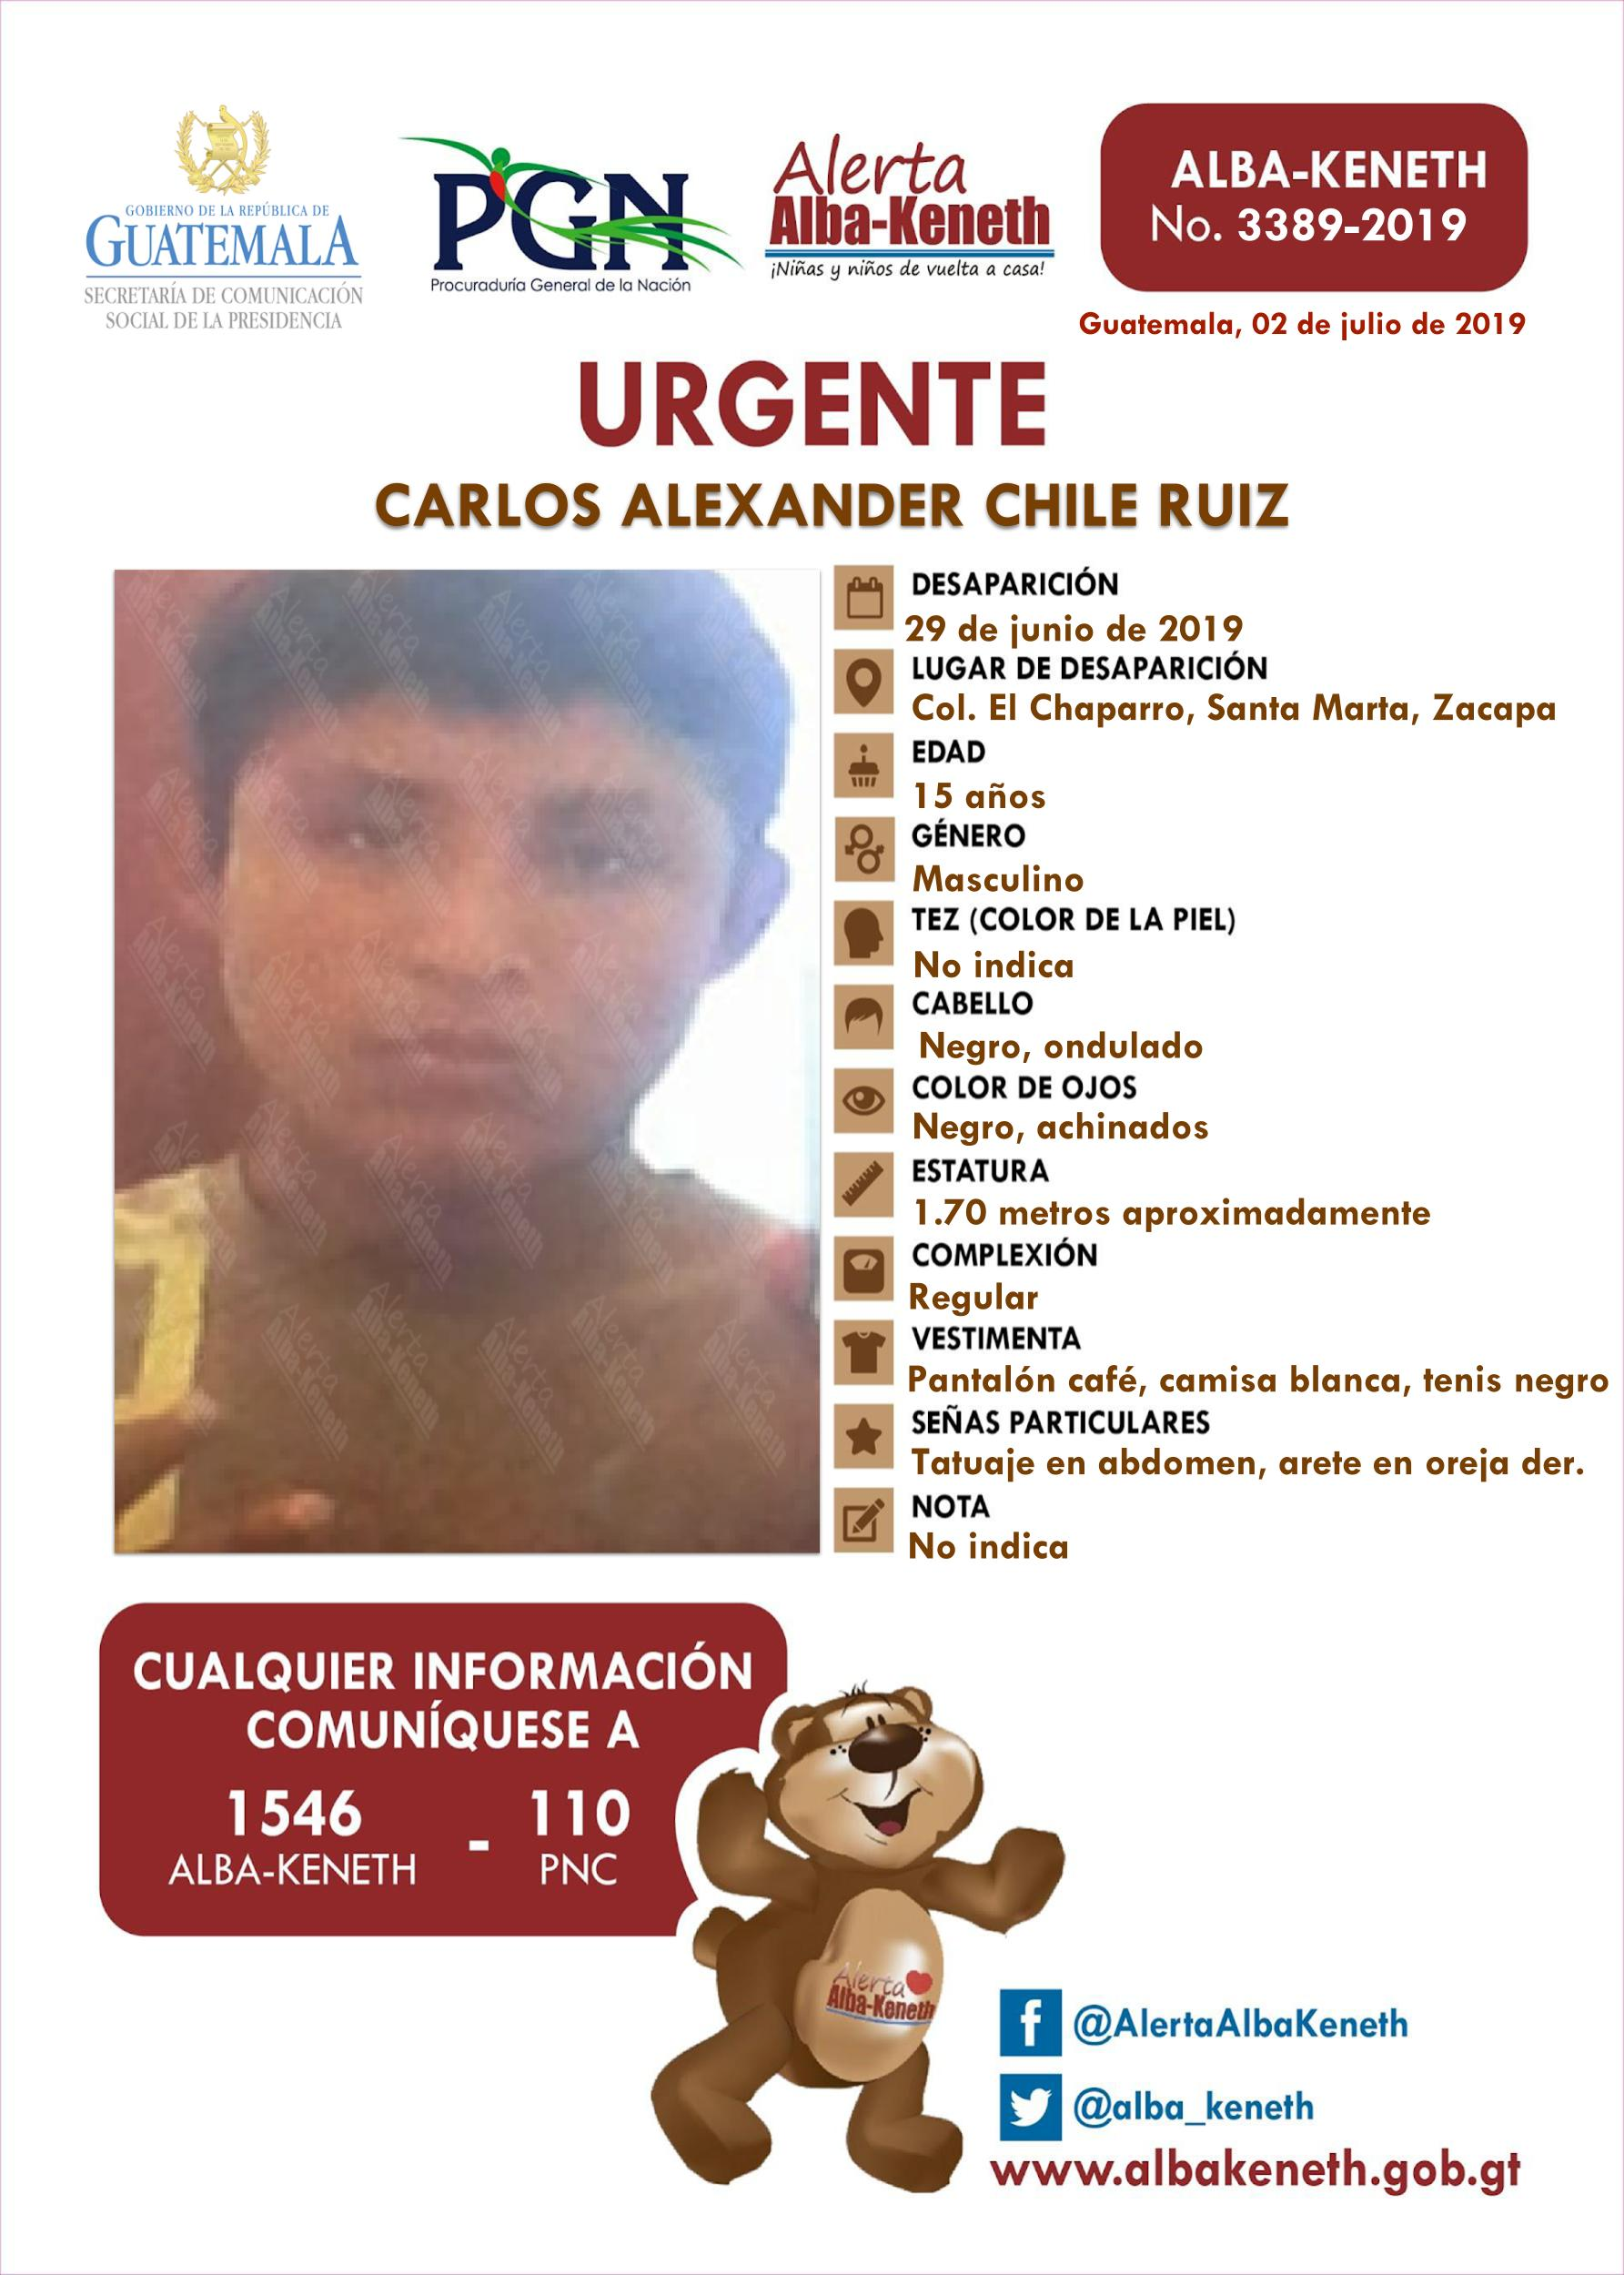 Carlos Alexander Chile Ruiz